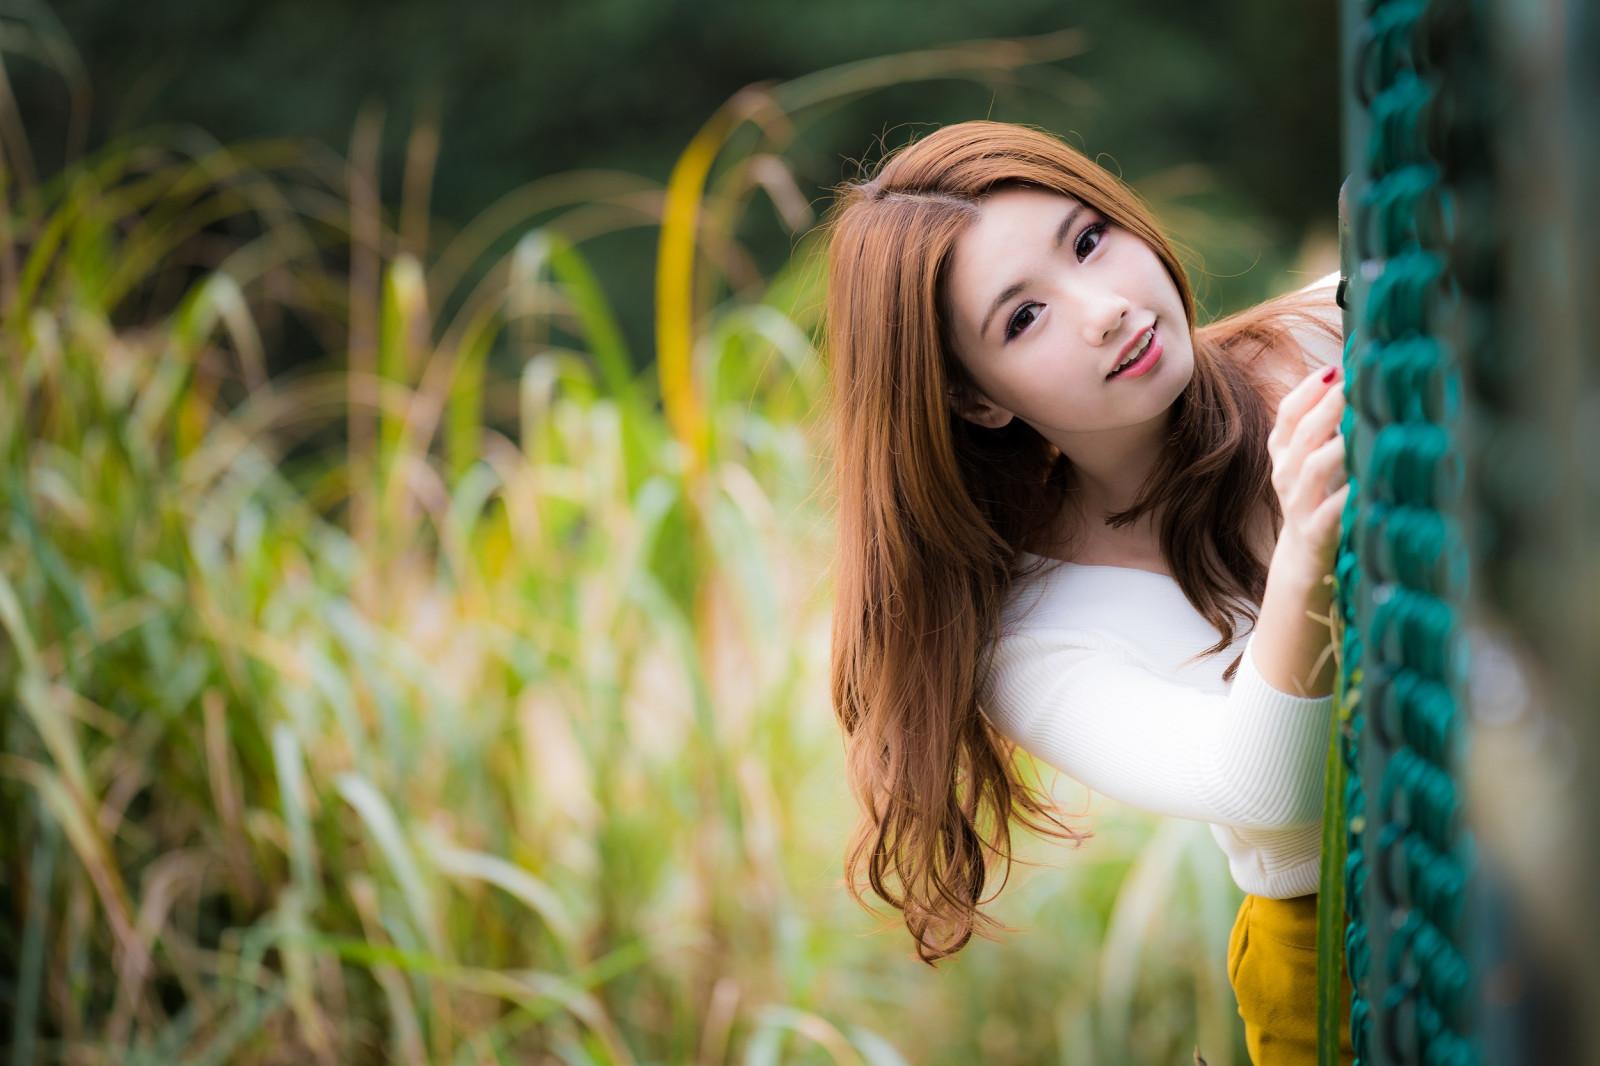 Fondos de pantalla : mujer, modelo, rubia, Mirando al espectador, fotografía, vestir, amarillo